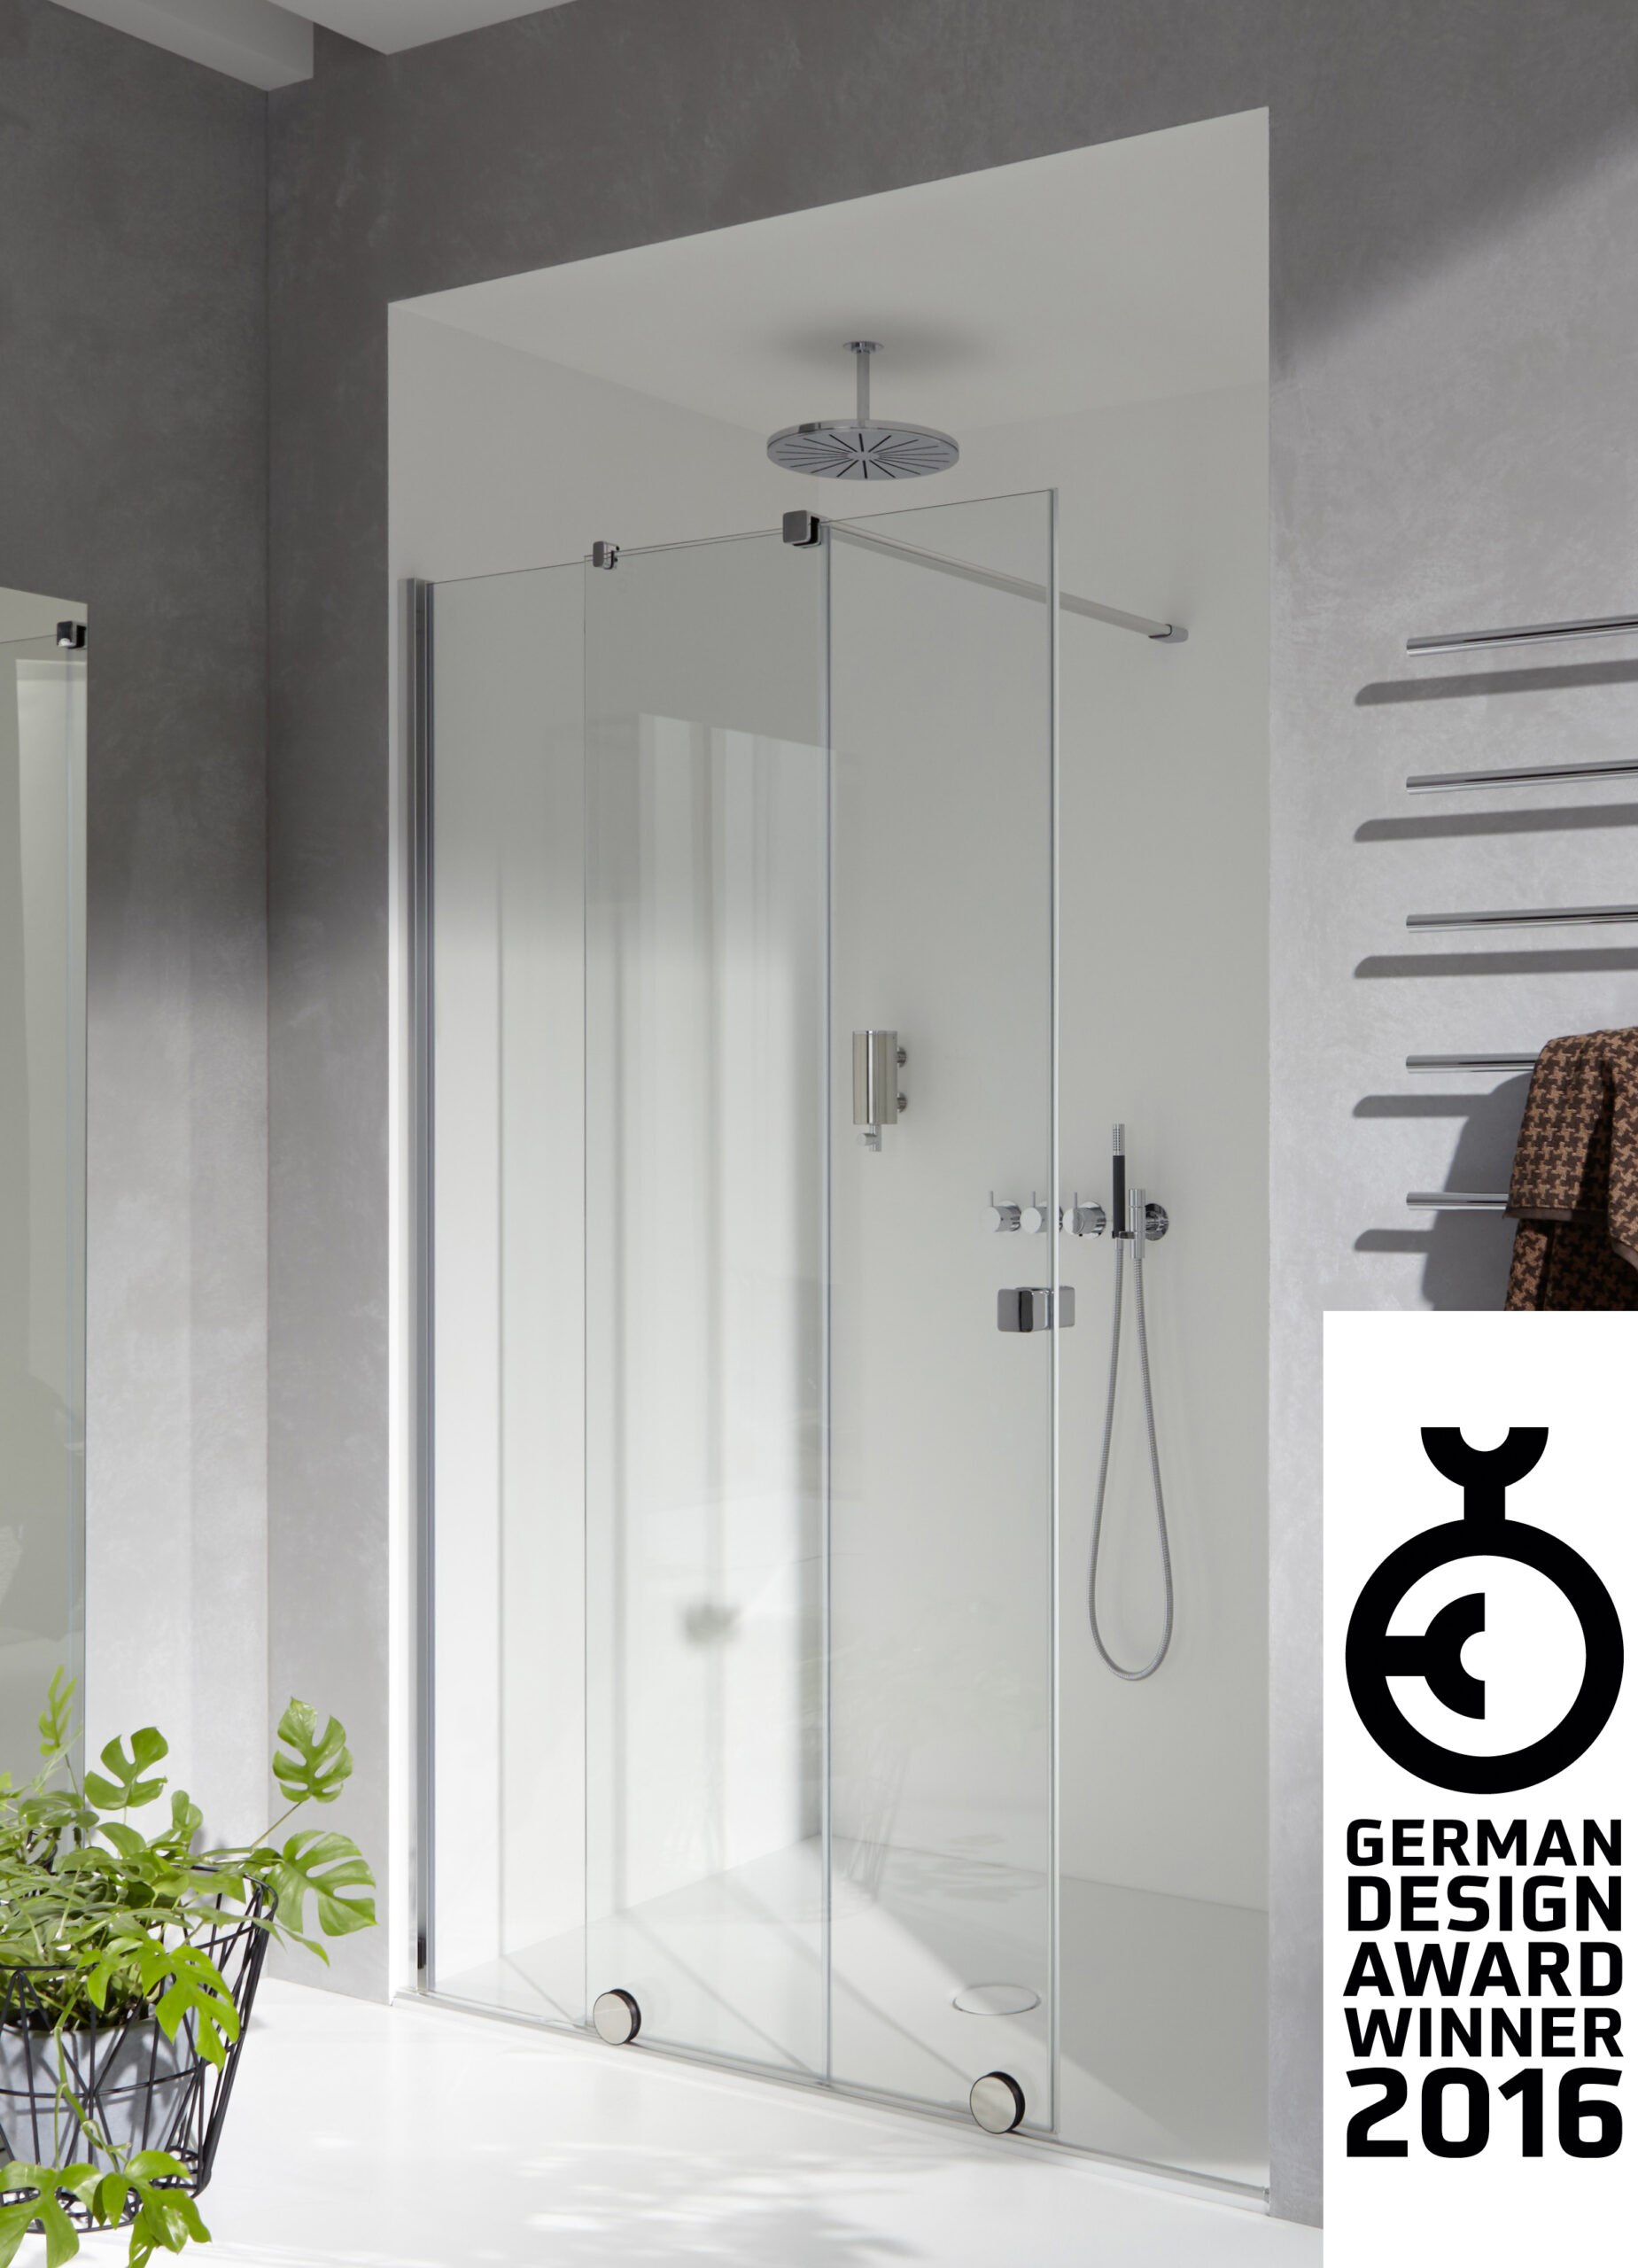 Full Size of Schulte Duschen Kaufen Bodengleiche Breuer Sprinz Moderne Hsk Werksverkauf Hüppe Dusche Begehbare Dusche Hüppe Duschen